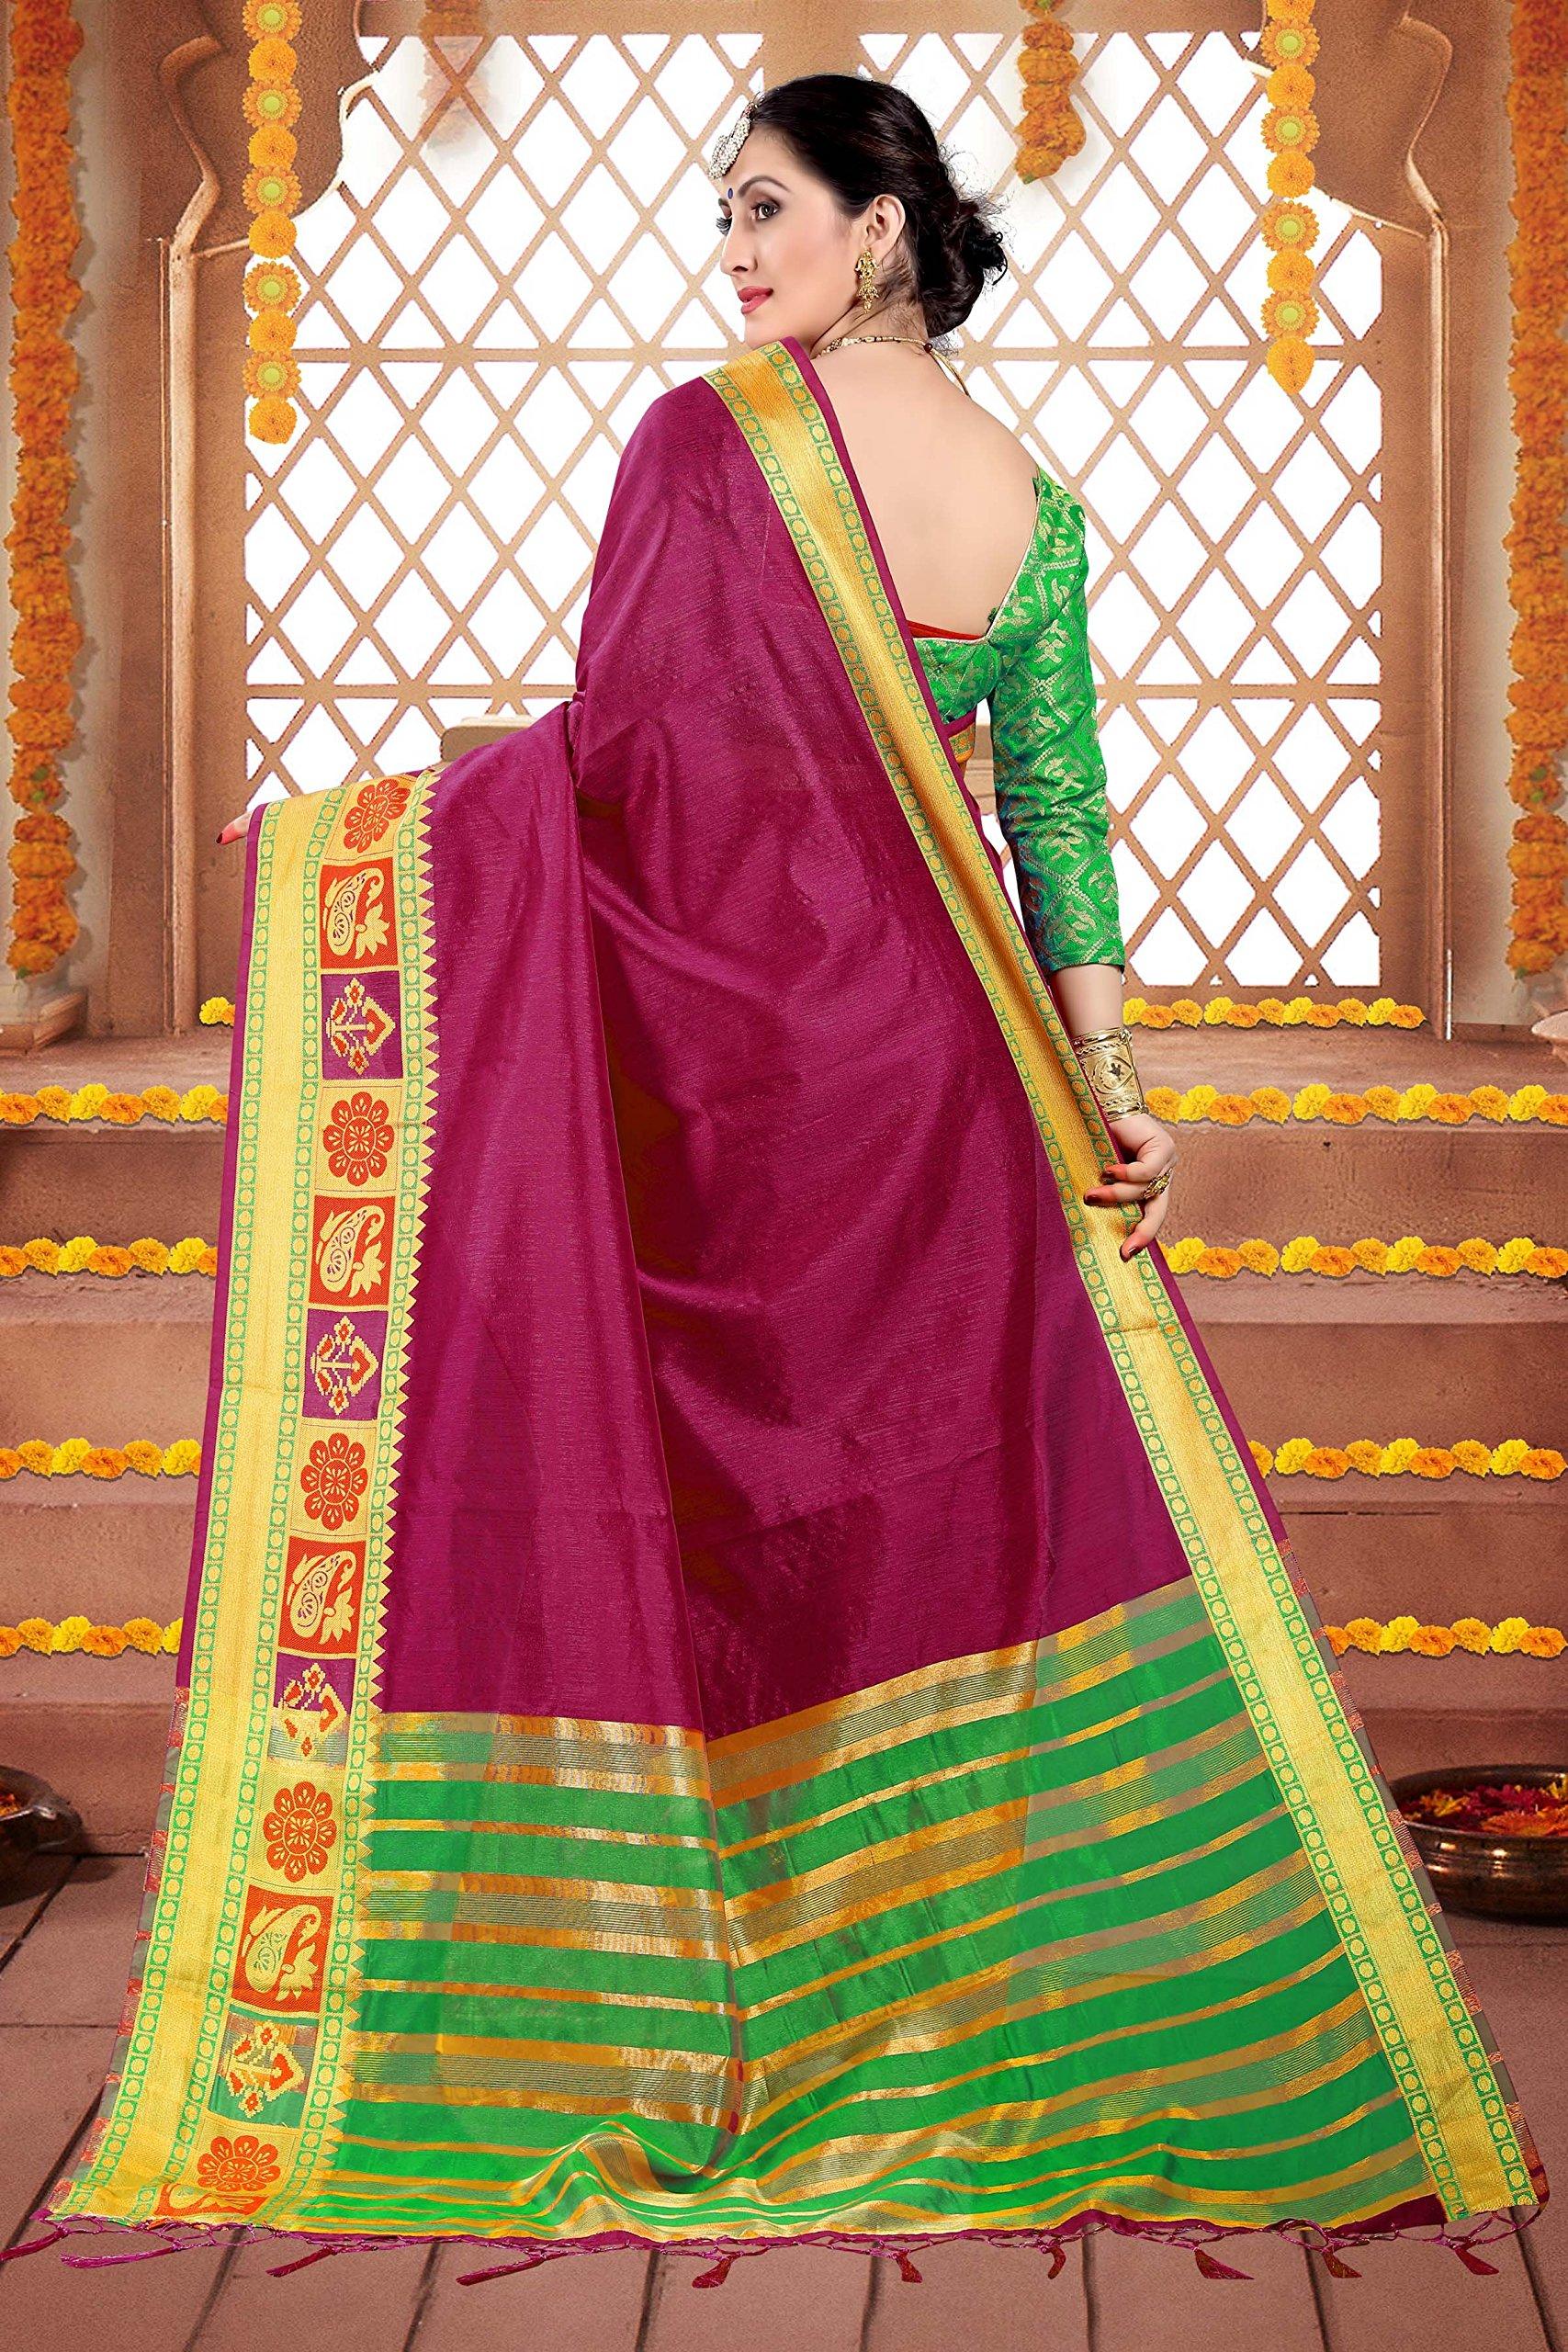 ELINA FASHION Sarees Women Cotton Silk Woven Saree l Indian Wedding Gift Sari Un Stitched Blouse by ELINA FASHION (Image #4)